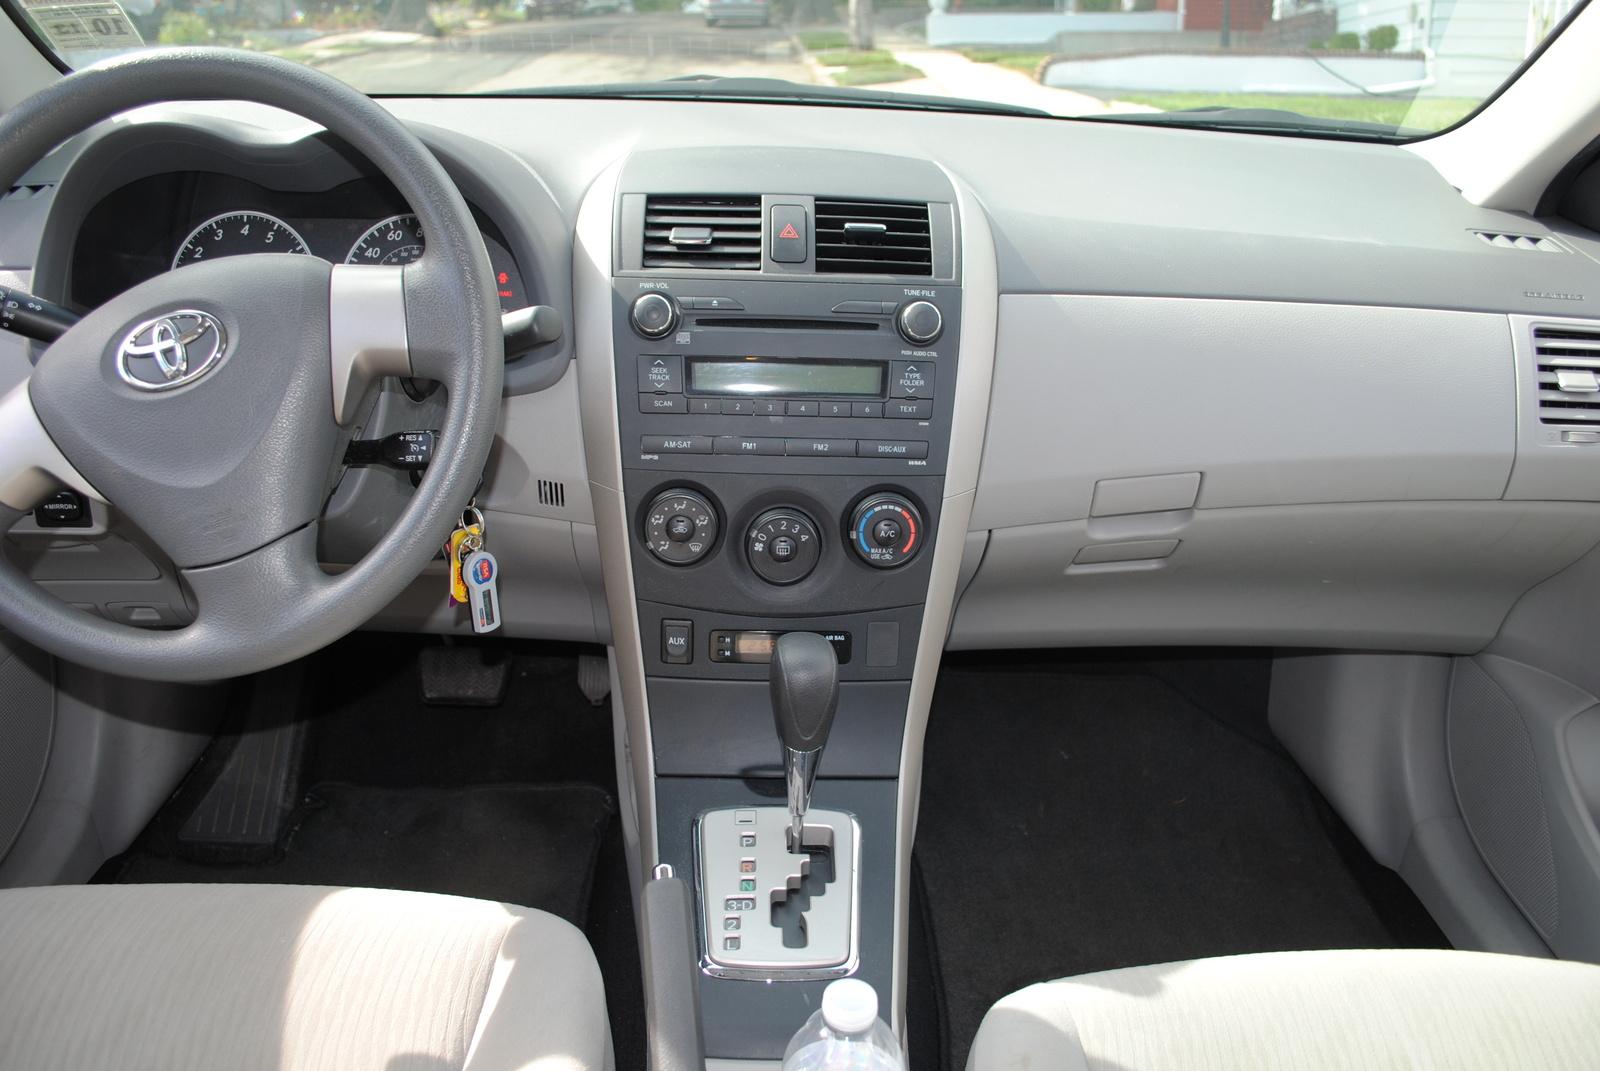 2010 toyota corolla interior pictures cargurus for Interior toyota corolla